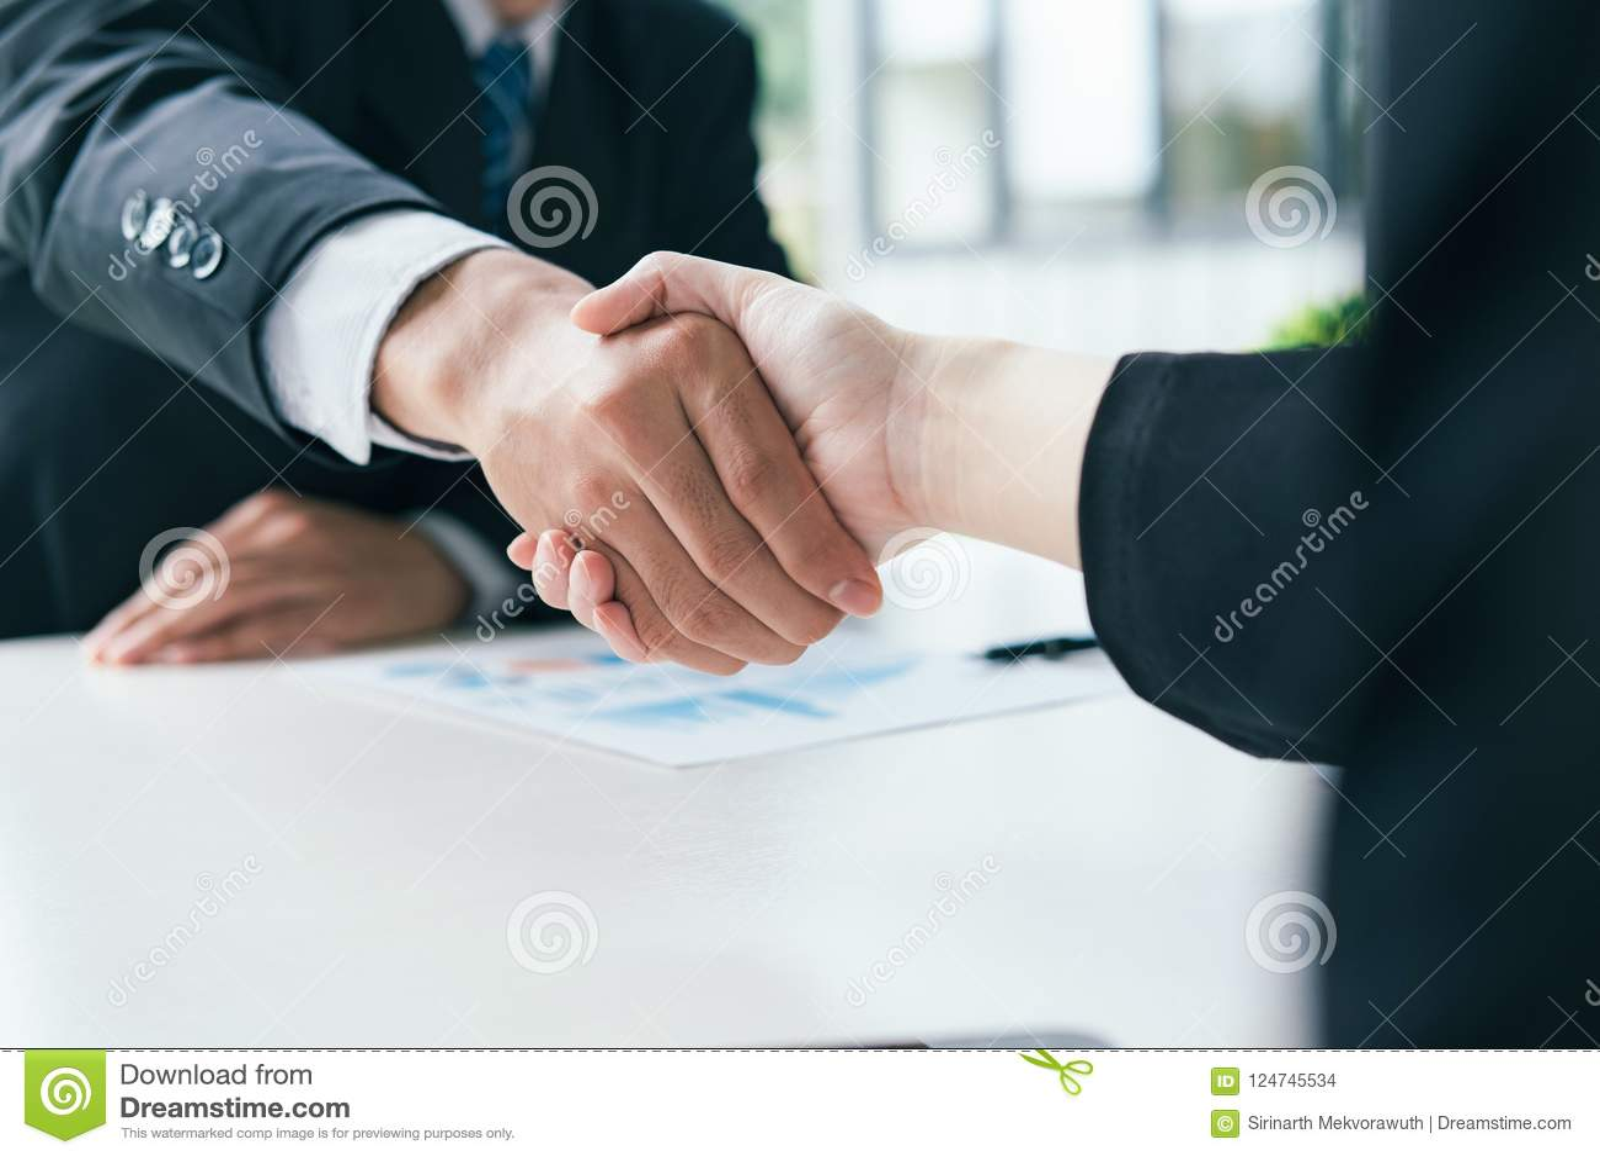 企业合伙企业 商人握手